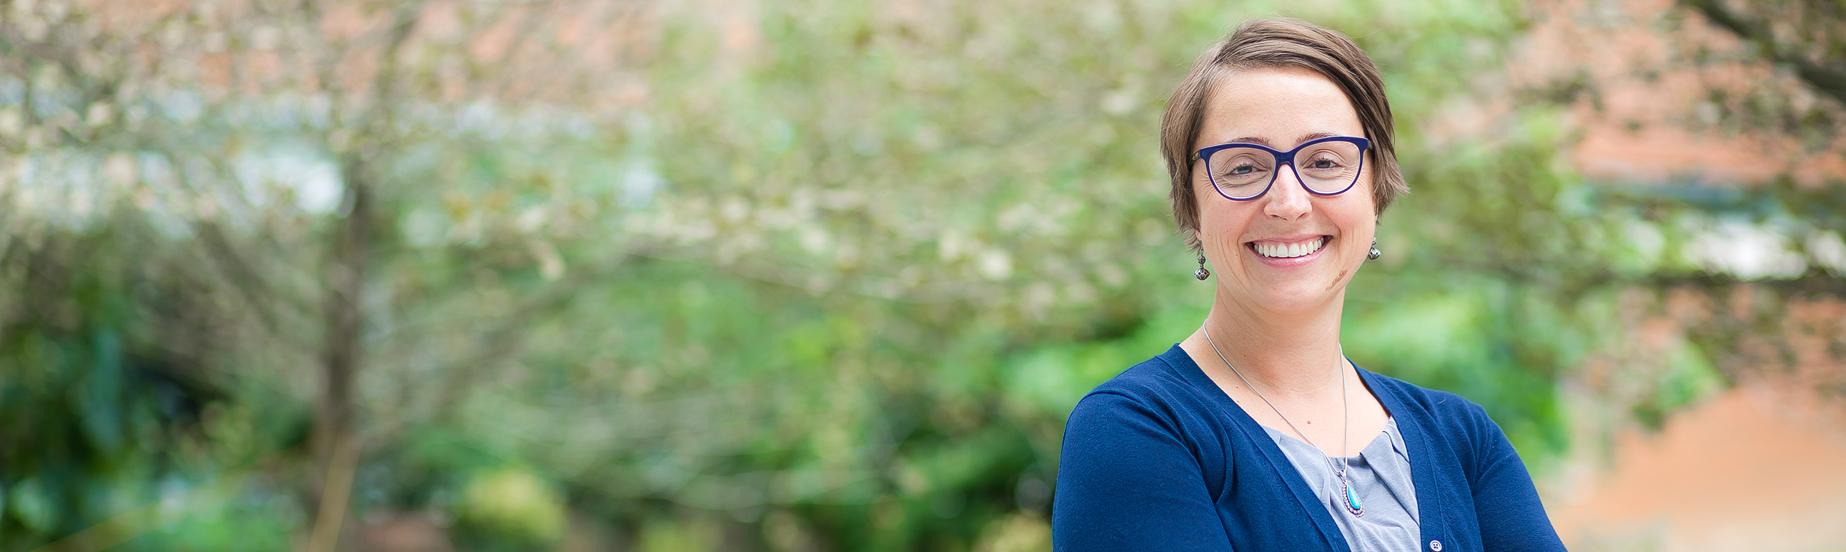 Header Portrait Dr. Denita Hadziabdic-Guerry